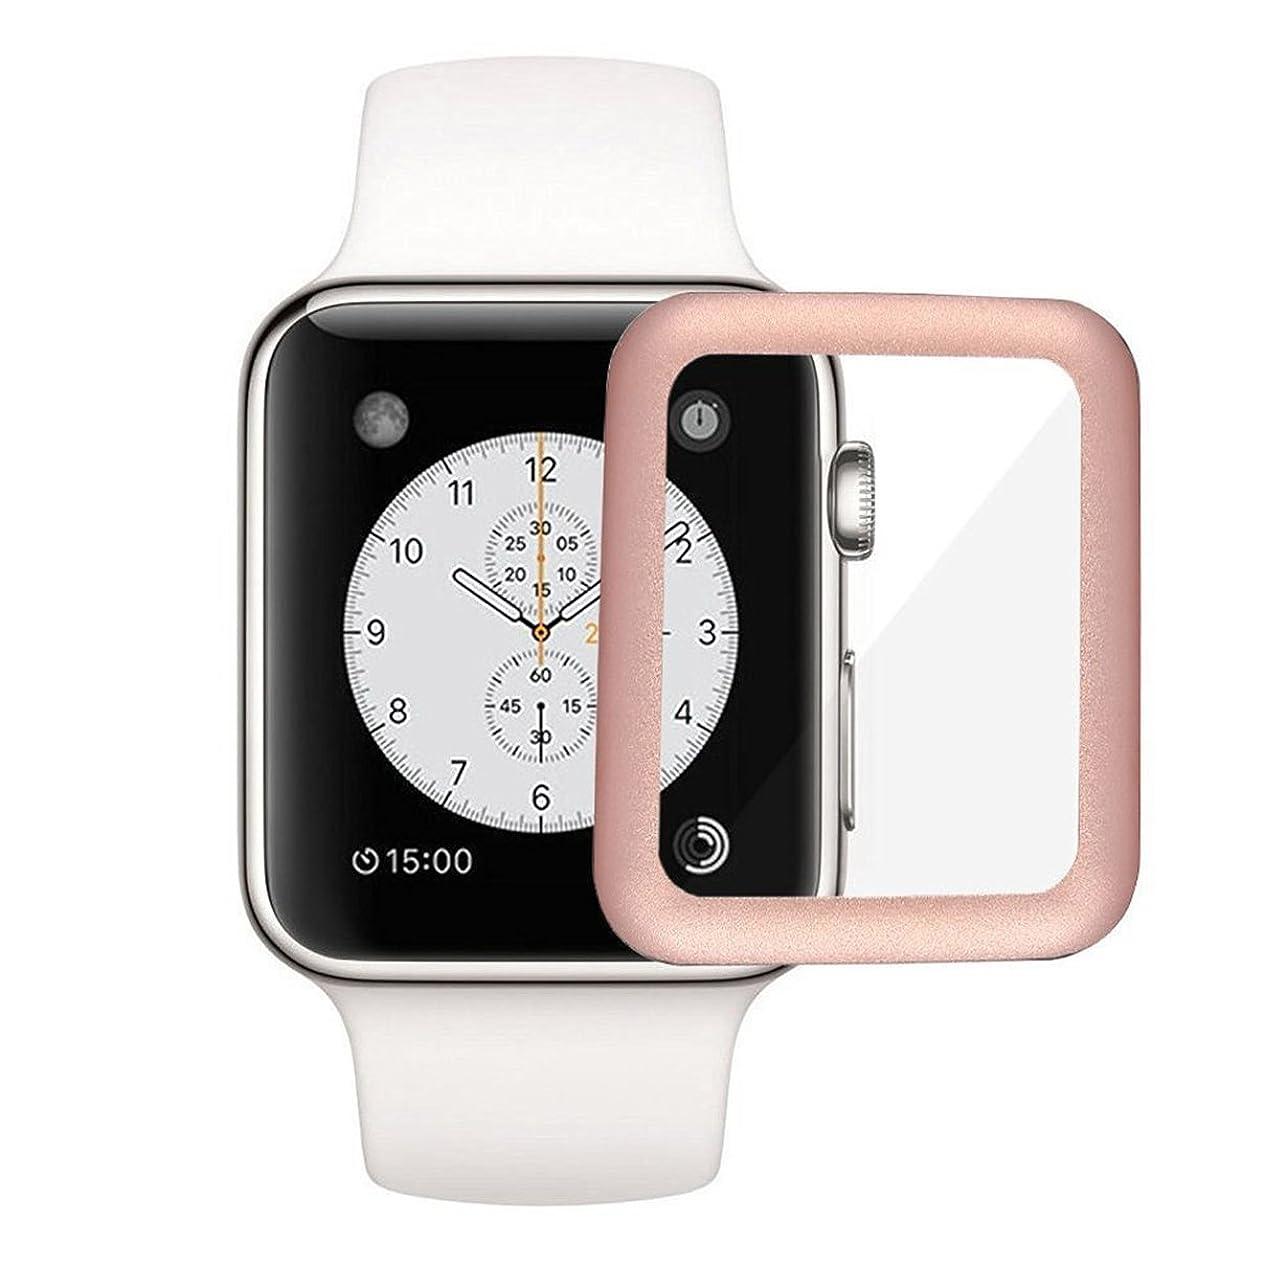 満たすスーツケース西Apple Watch 42mm フィルム COLIN Apple Watch Series 2 フィルム 3D 全面ガラス アップル ウォッチ カバー 日本製素材使用 耐指紋 耐衝撃 Apple Watch Series 2 強化ガラスフィルム (ローズゴールド)